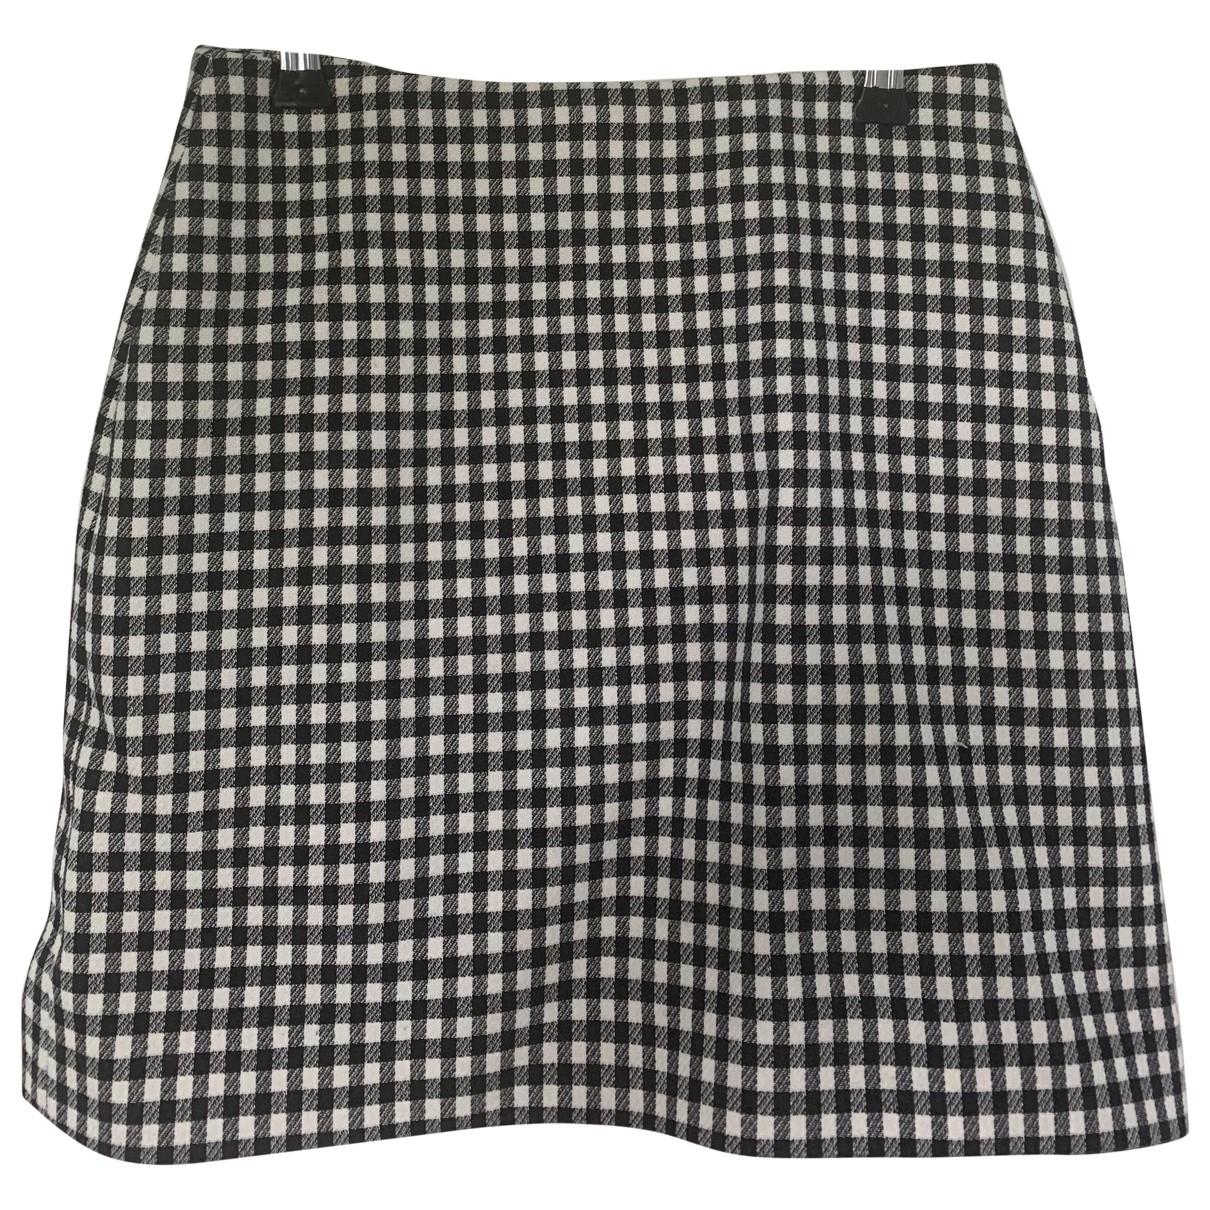 & Stories \N Black skirt for Women 2 US